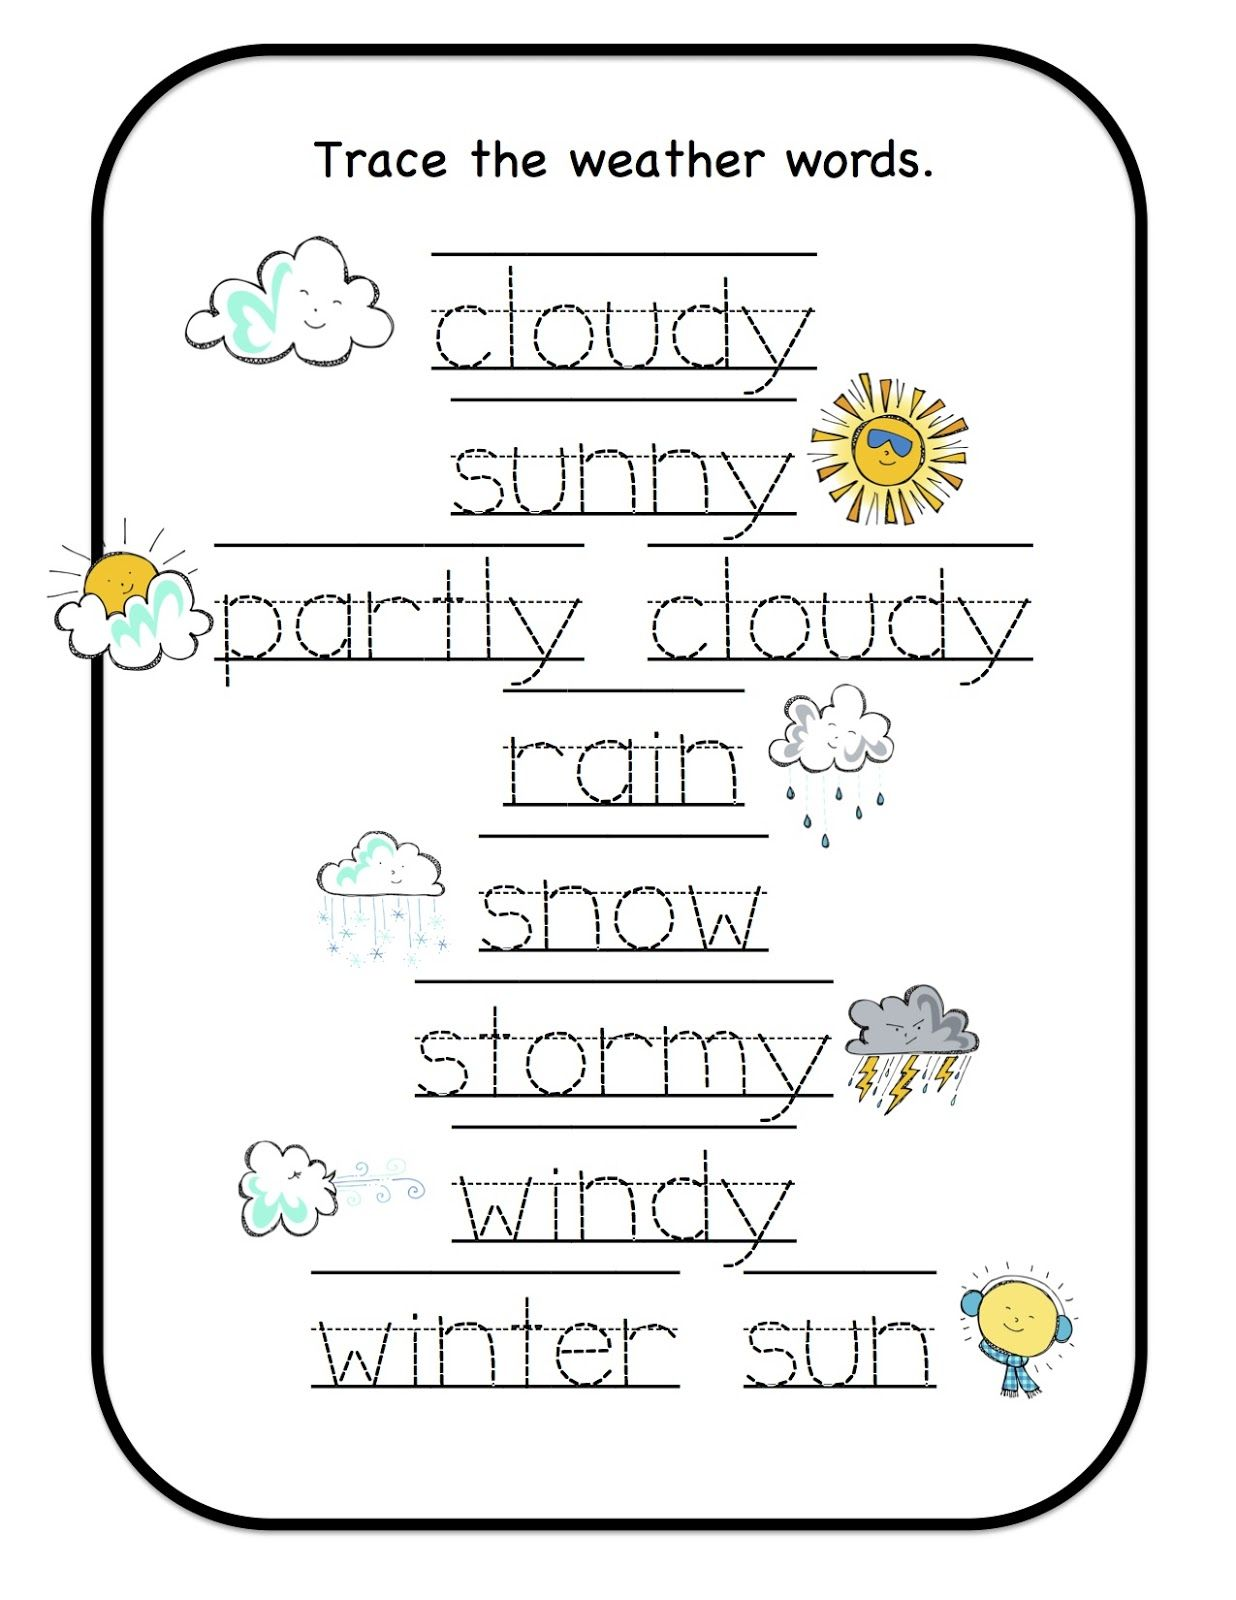 worksheet Weather Worksheets For Kindergarten free weather printables for preschool kindergarten worksheets healty living guide